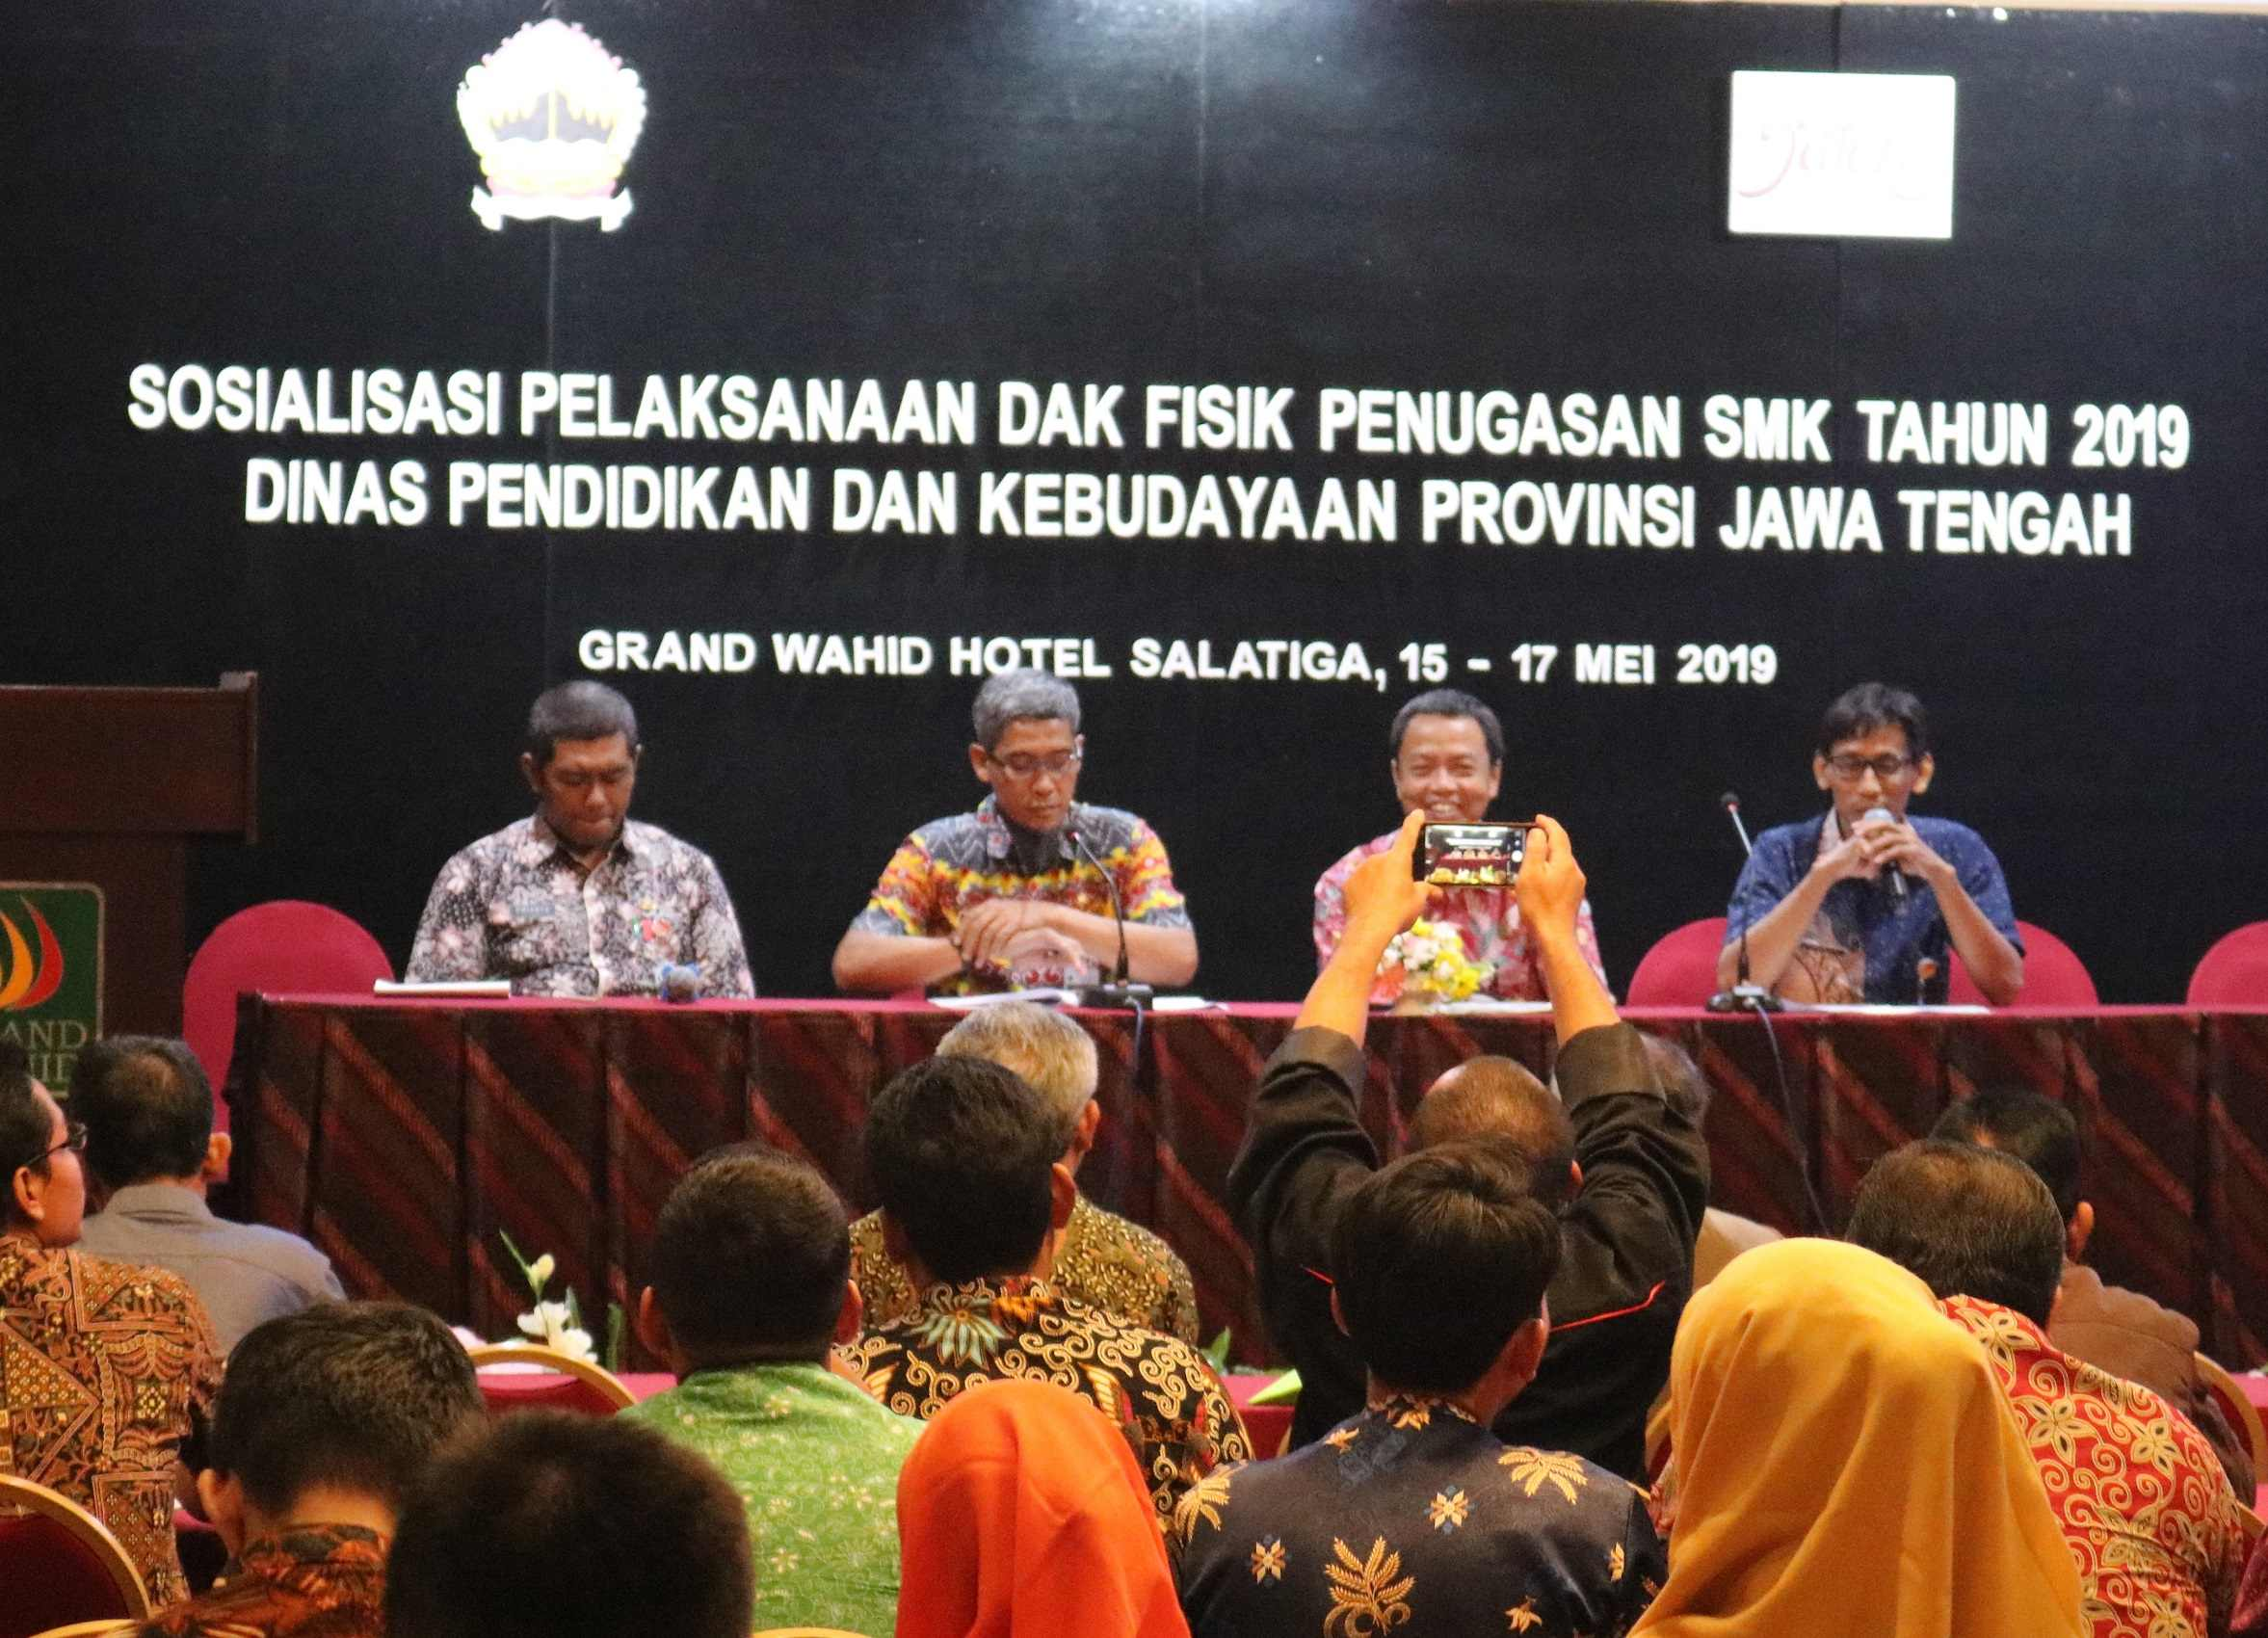 Sosialisasi Pelaksanaan DAK Fisik Penugasan SMK Tahun 2019 Dinas P dan K Provinsi Jawa Tengah